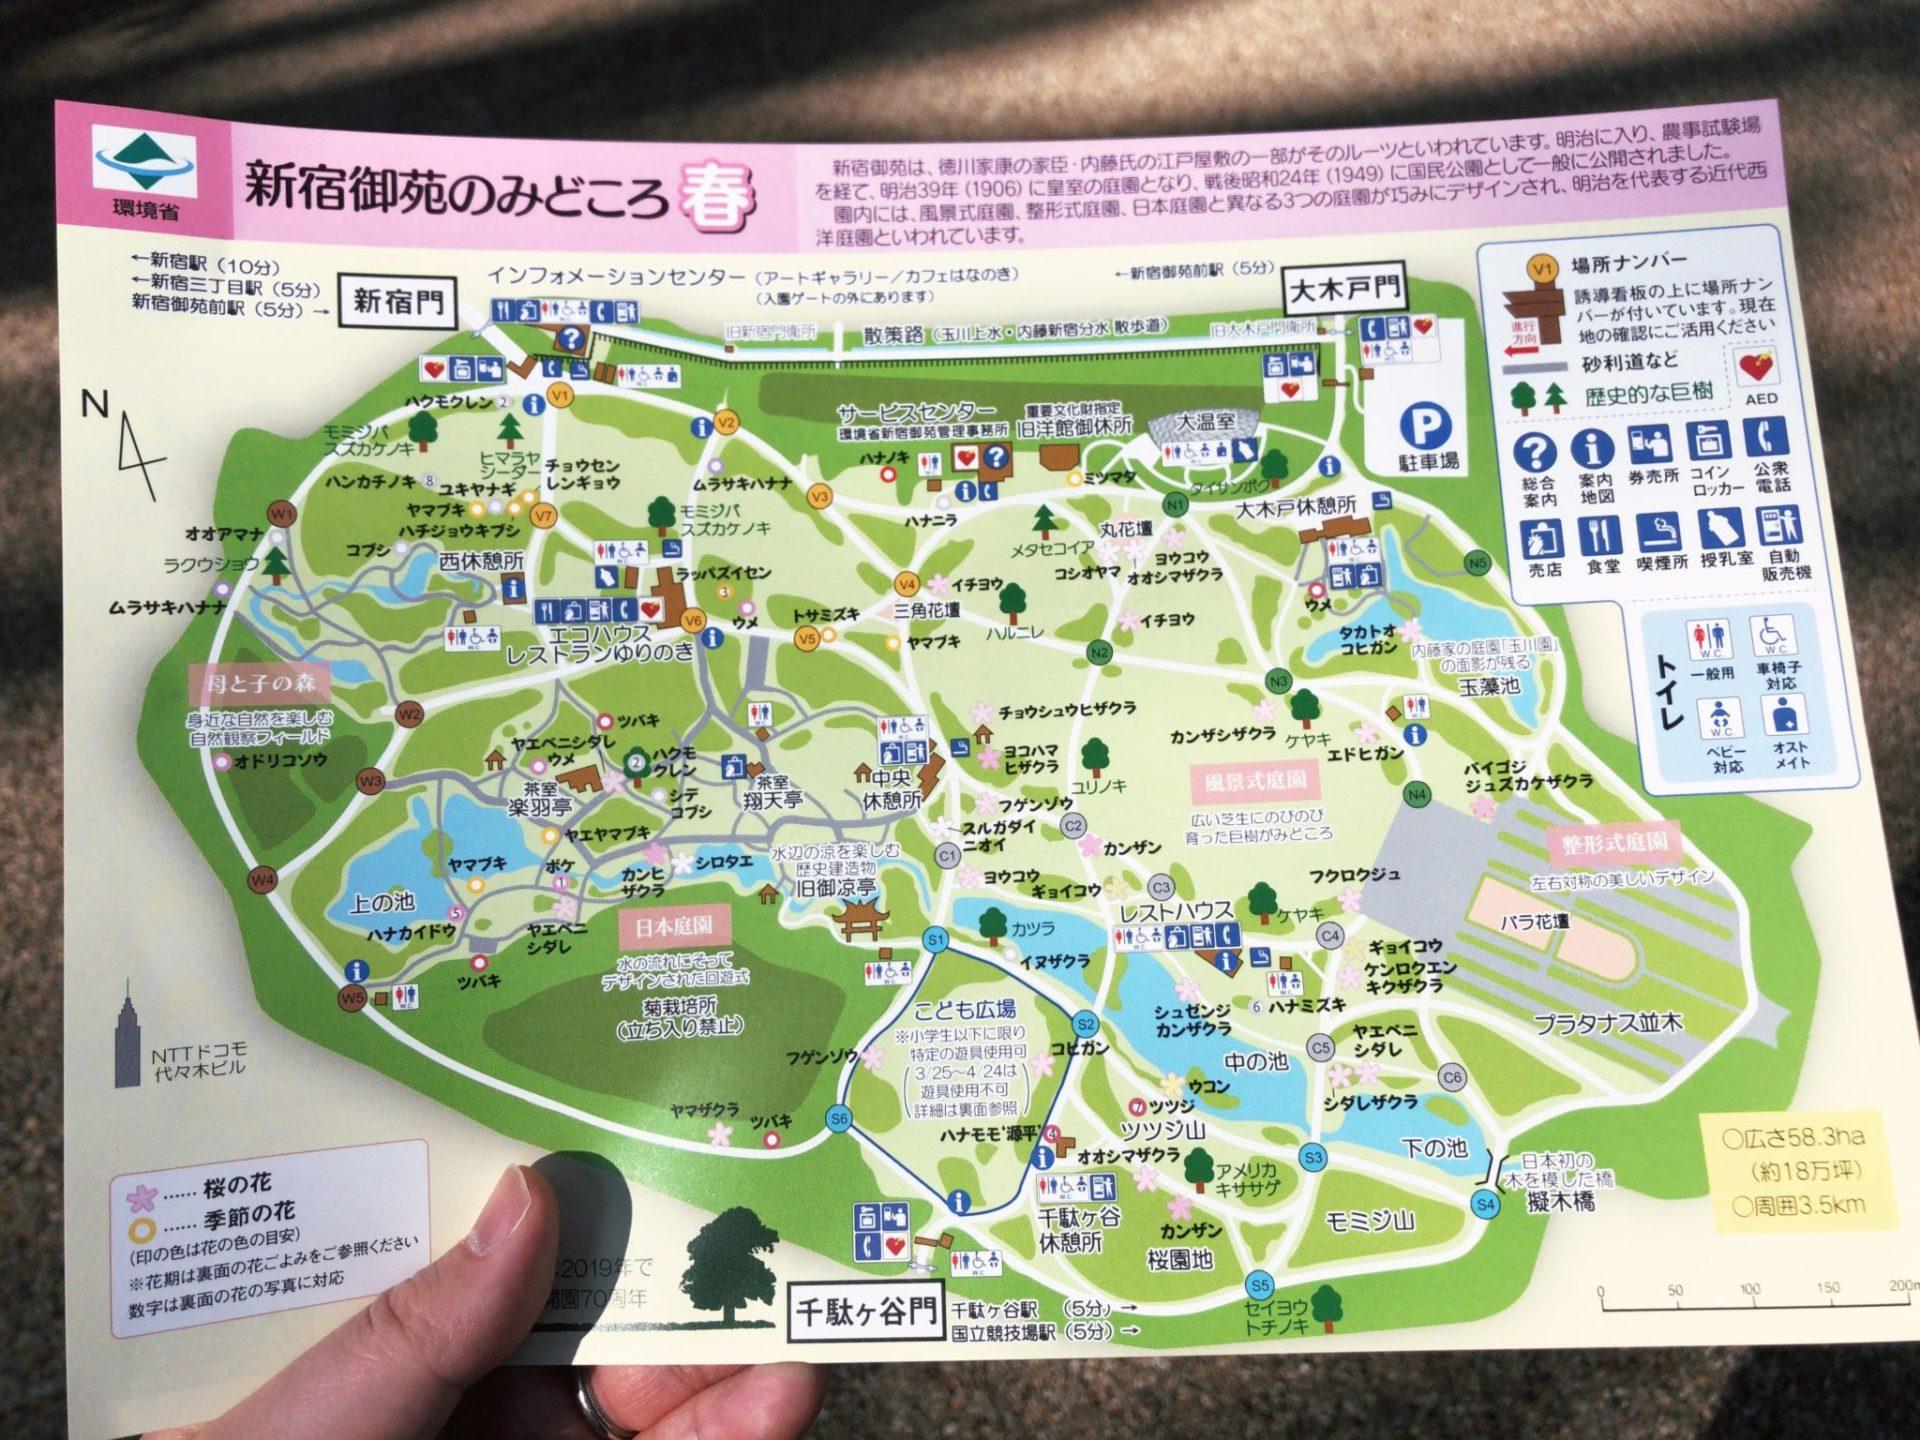 【新宿御苑】お花見の園内マップ